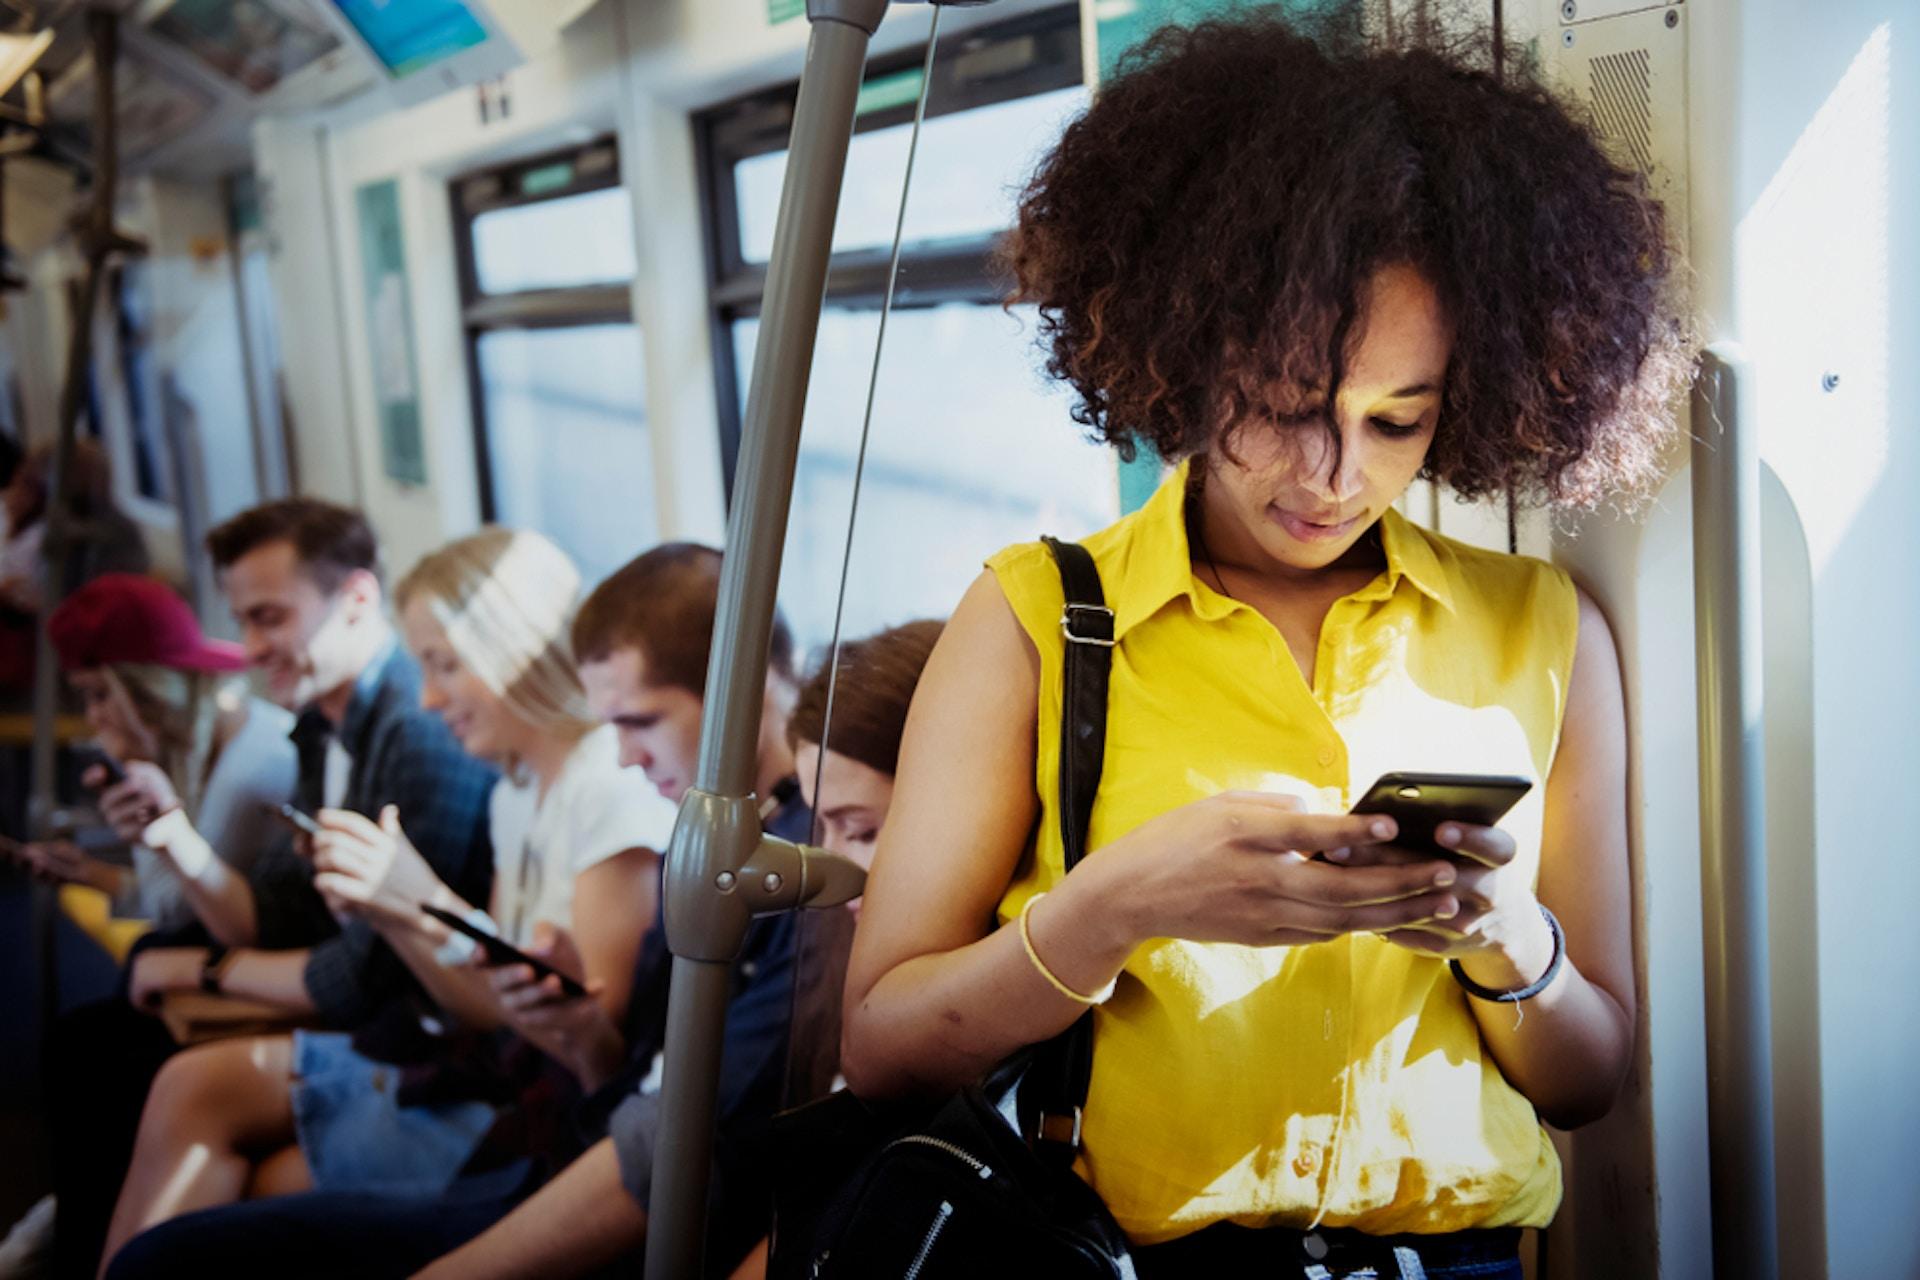 Junge Frau im Vordergrund in der Bahn an ihrem Smartphone, junge Menschen im Hintergrund an ihren Smartphones